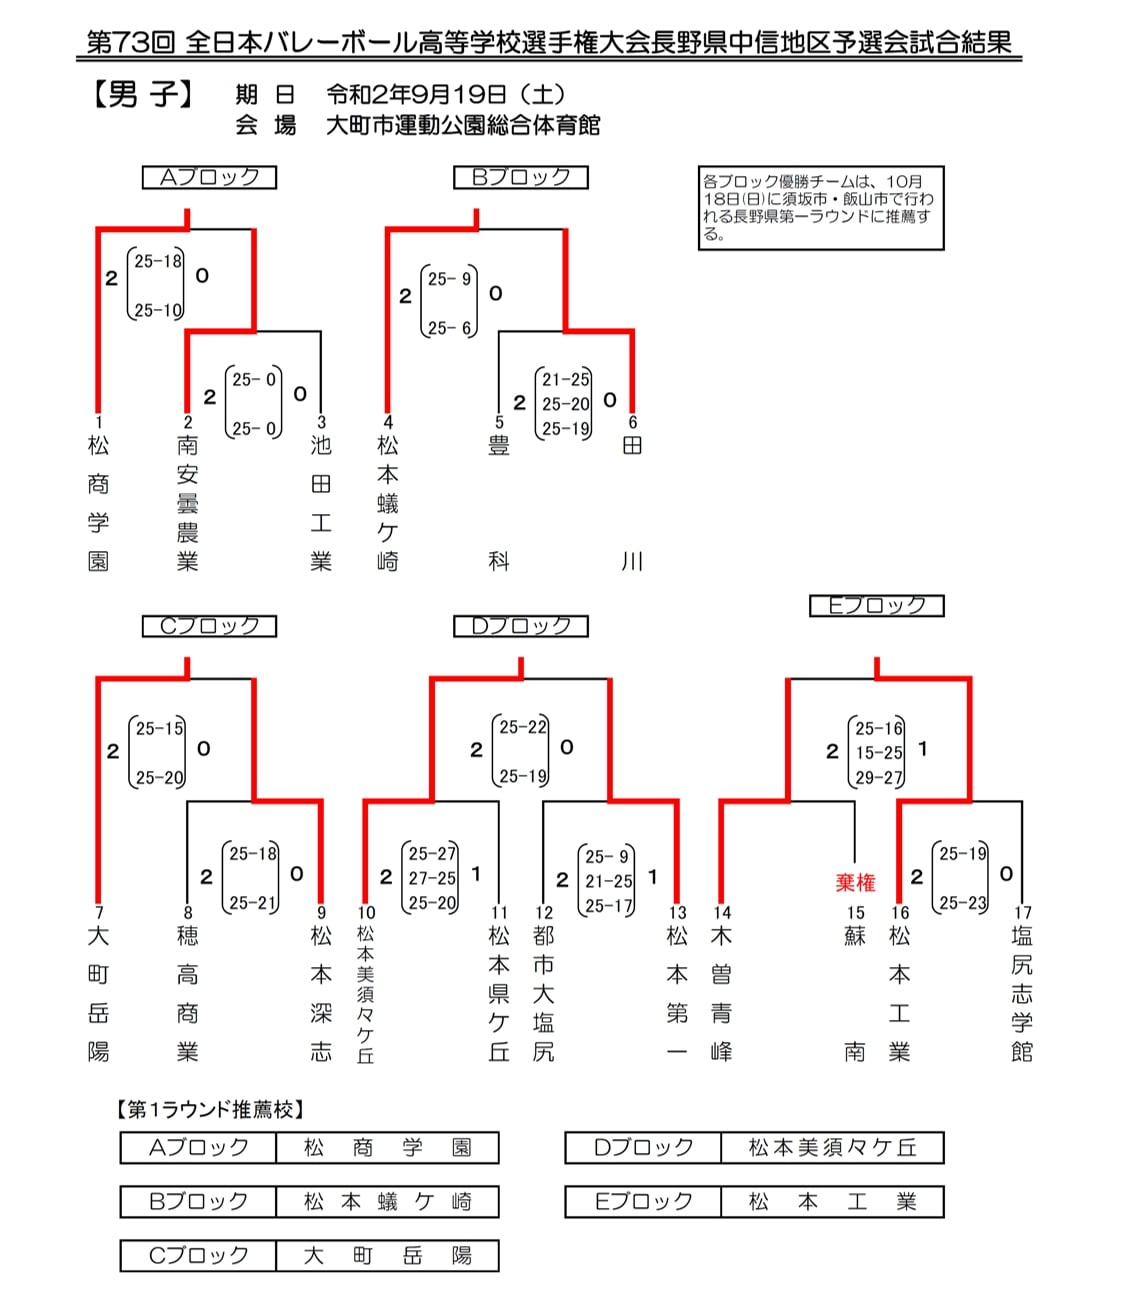 2021春高_長野県予選_中信_男子_結果